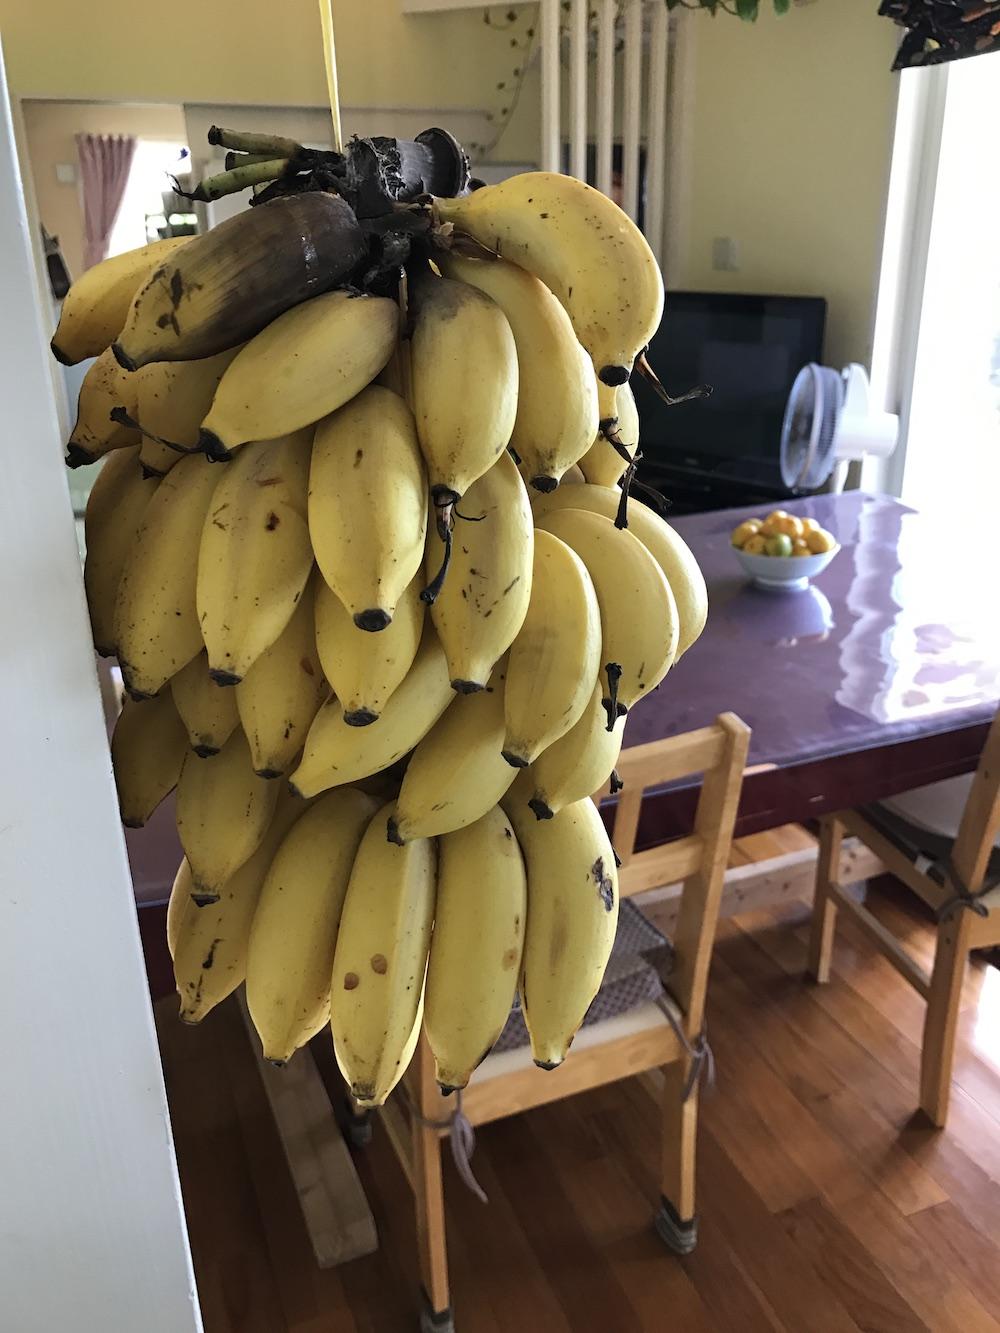 島バナナとみかんいただきました